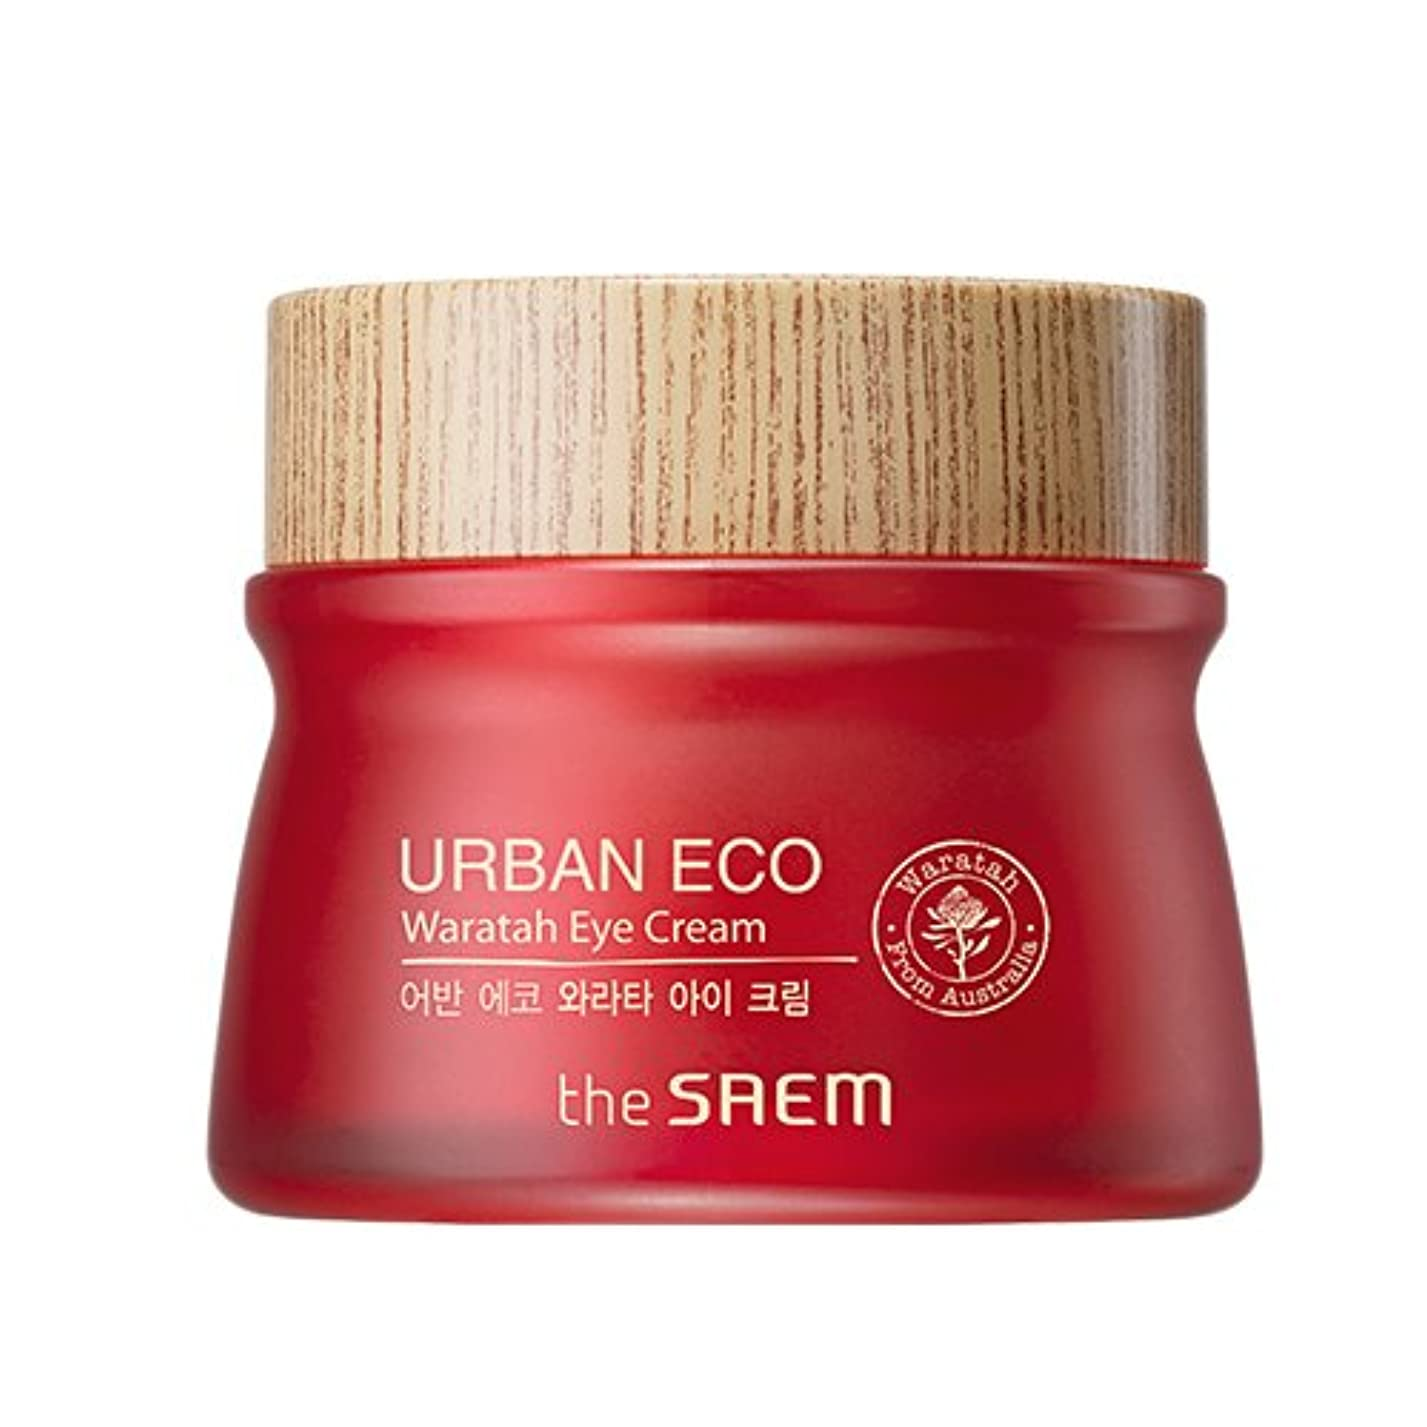 取得反論者反論者ドセム アーバンエコワラターアイクリーム 30ml Urban Eco Waratah Eye Cream [並行輸入品]